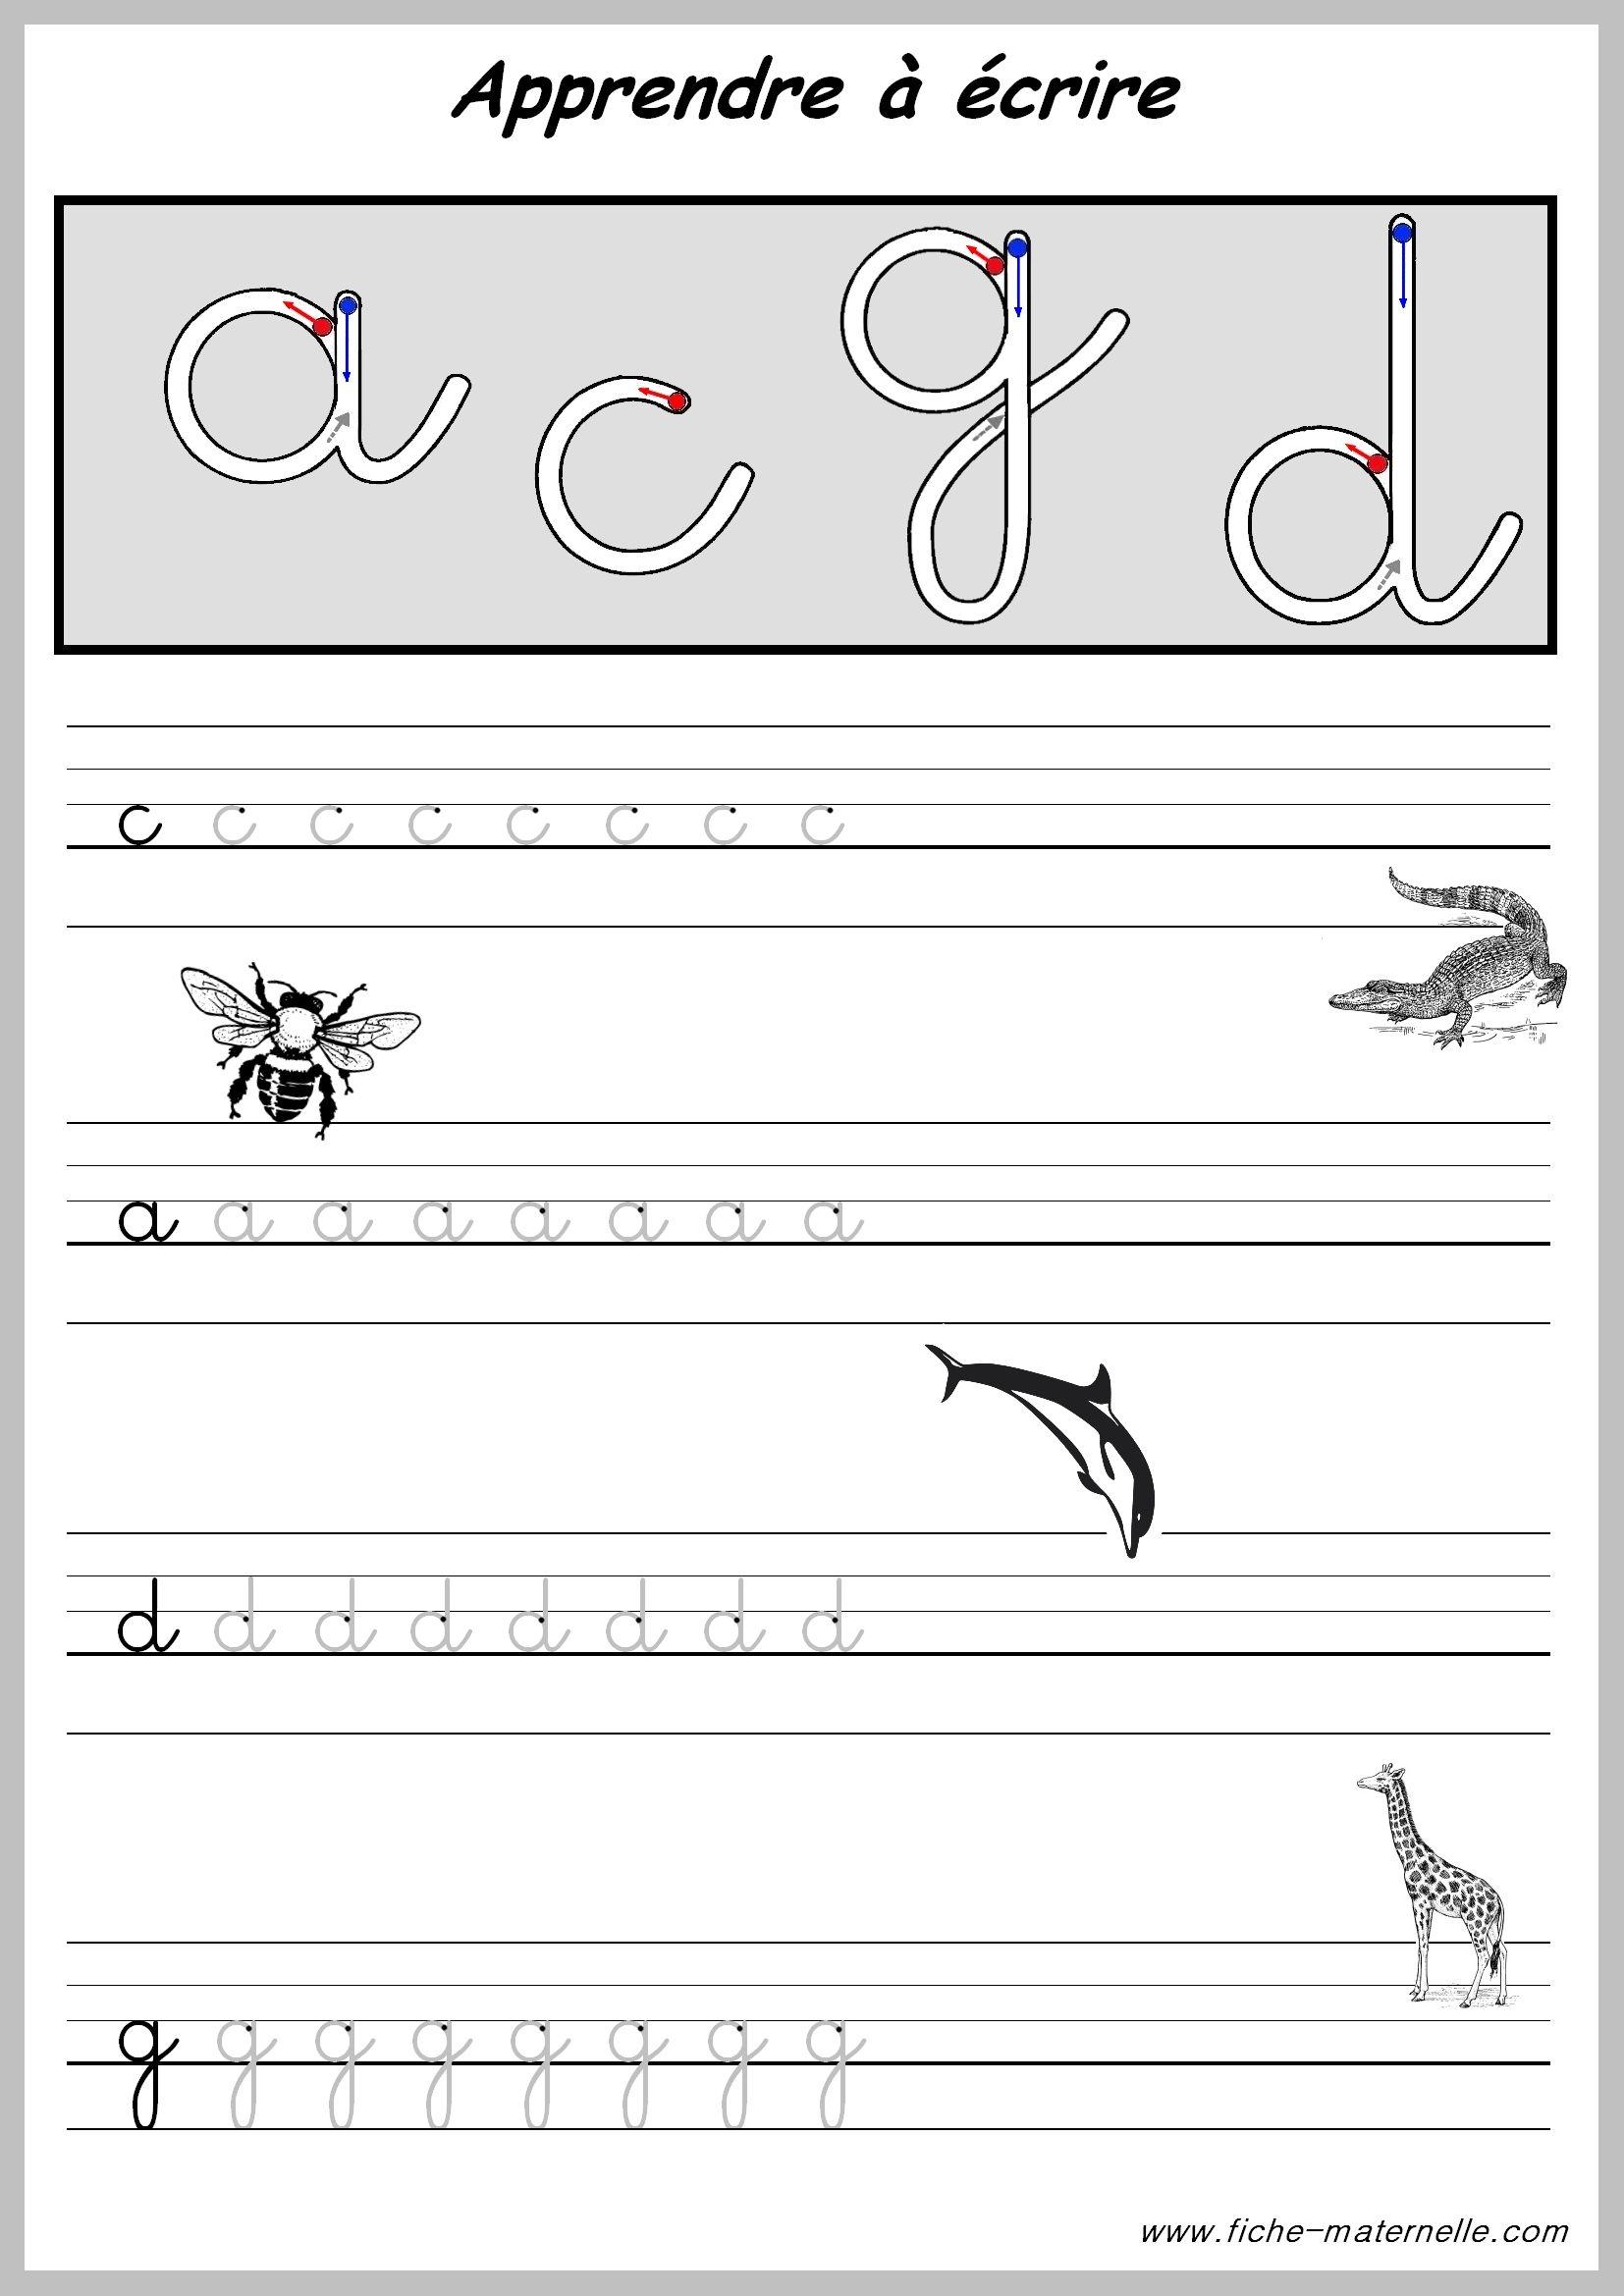 exercices pour apprendre a ecrire